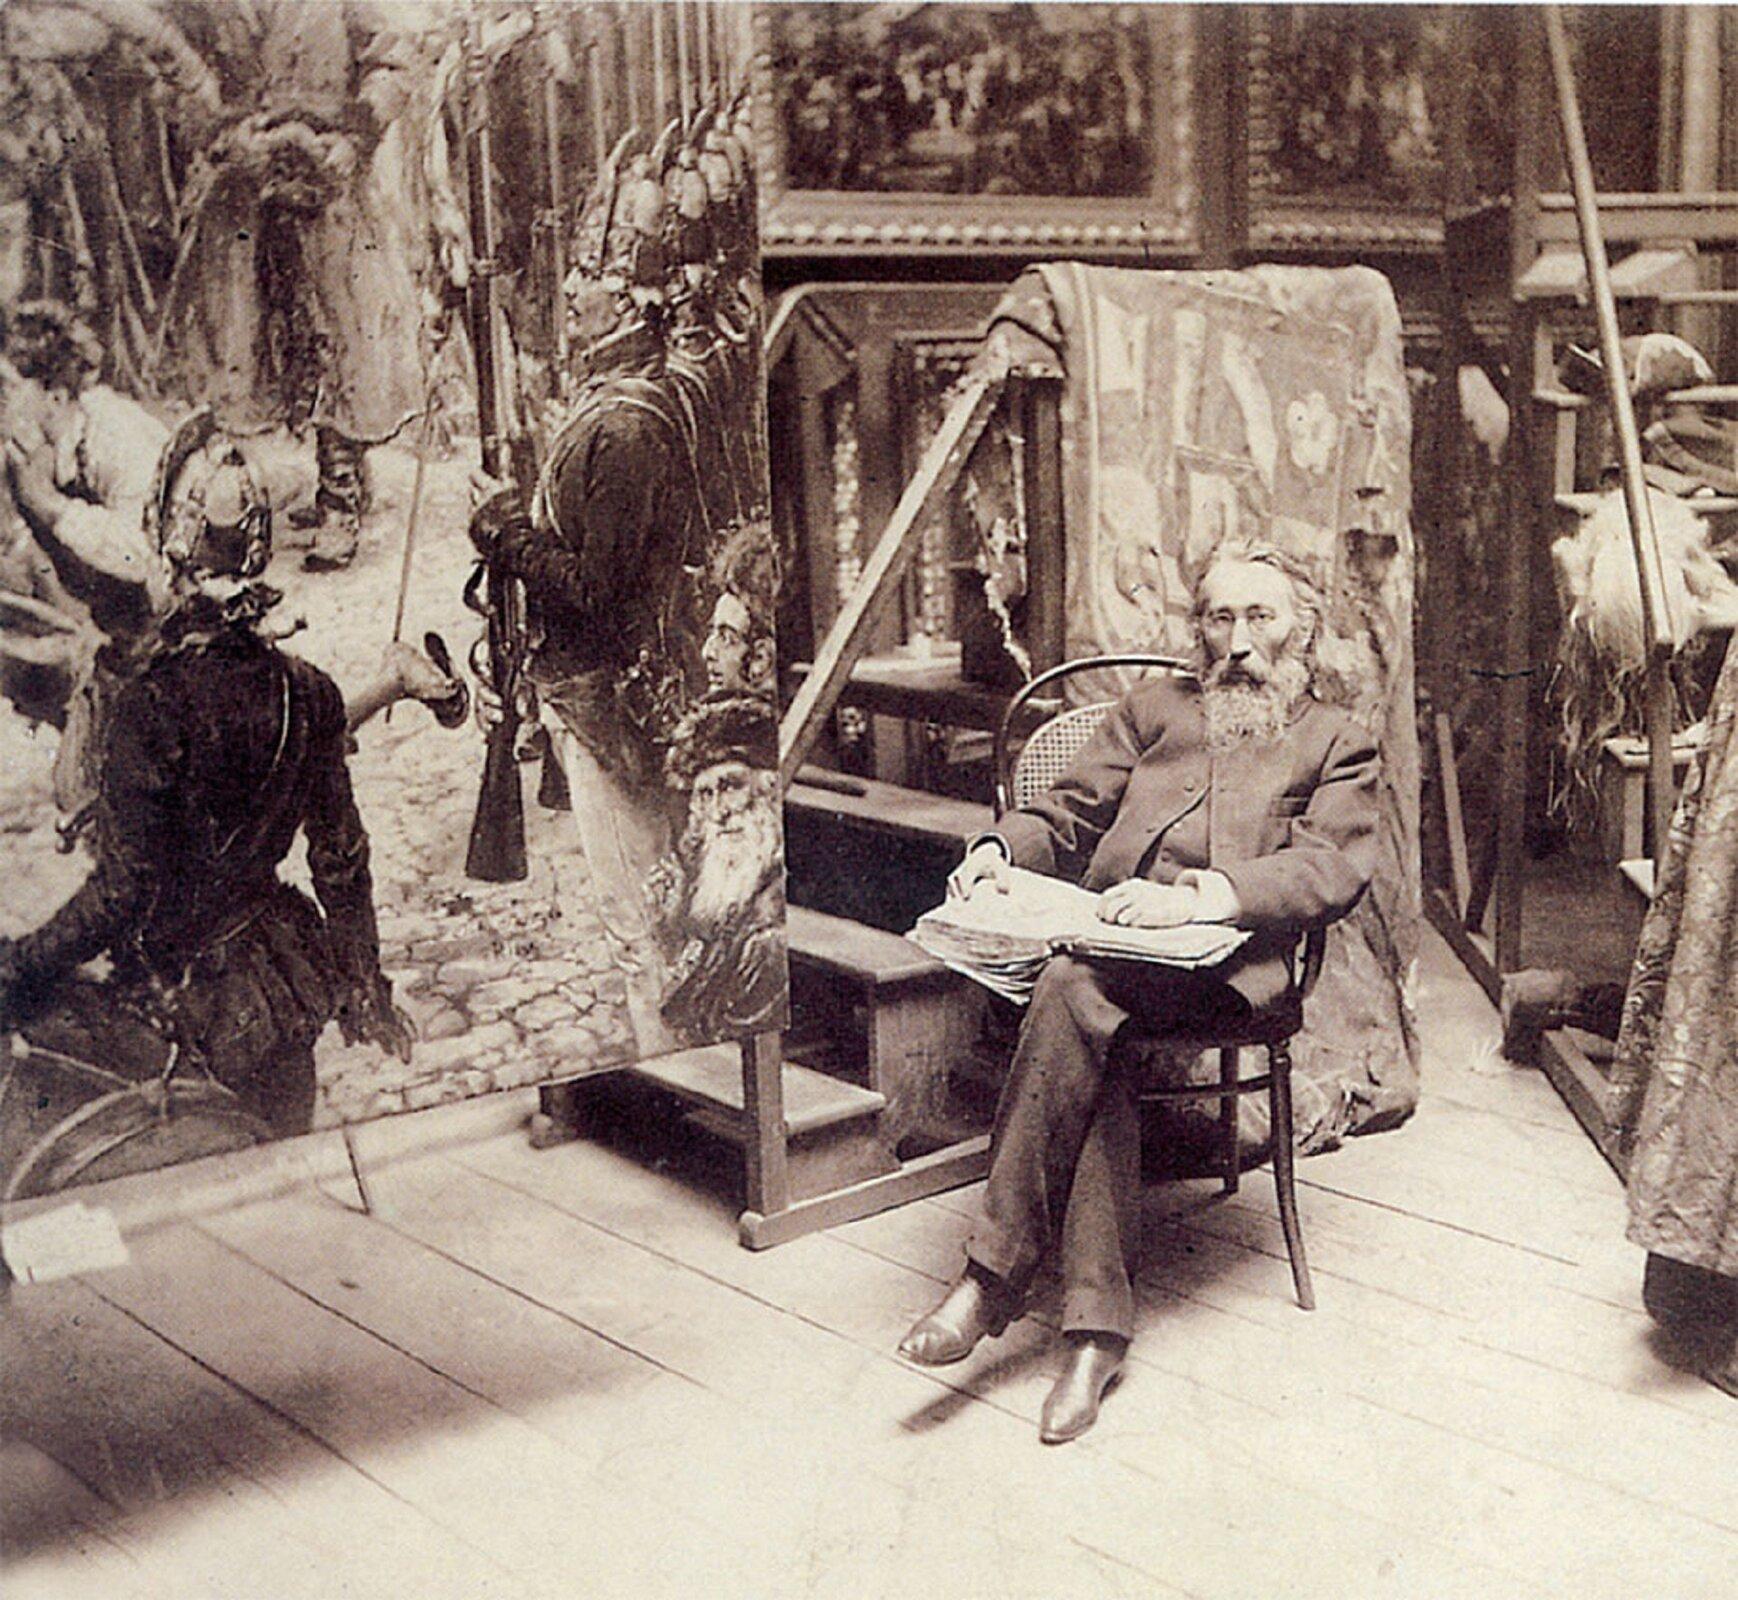 Ilustracja przedstawia wnętrze pracowni malarskiej Jana Matejki. Wcentrum wykonanego wsepii zdjęcia, ukazany jest siedzący na drewnianym krześle artysta zotwartą na kolanach księgą.  Jest to starszy, siwiejący mężczyzna zbrodą wciemnym garniturze iciemnych butach. Za malarzem stoją drewniane schodki zprzewieszoną przez obręcz wzorzystą tkaniną. Po lewej stronie kadru znajduje się fragment obrazu zpostaciami. Na ścianach pracowni wiszą inne dzieła wzdobnych ramach.